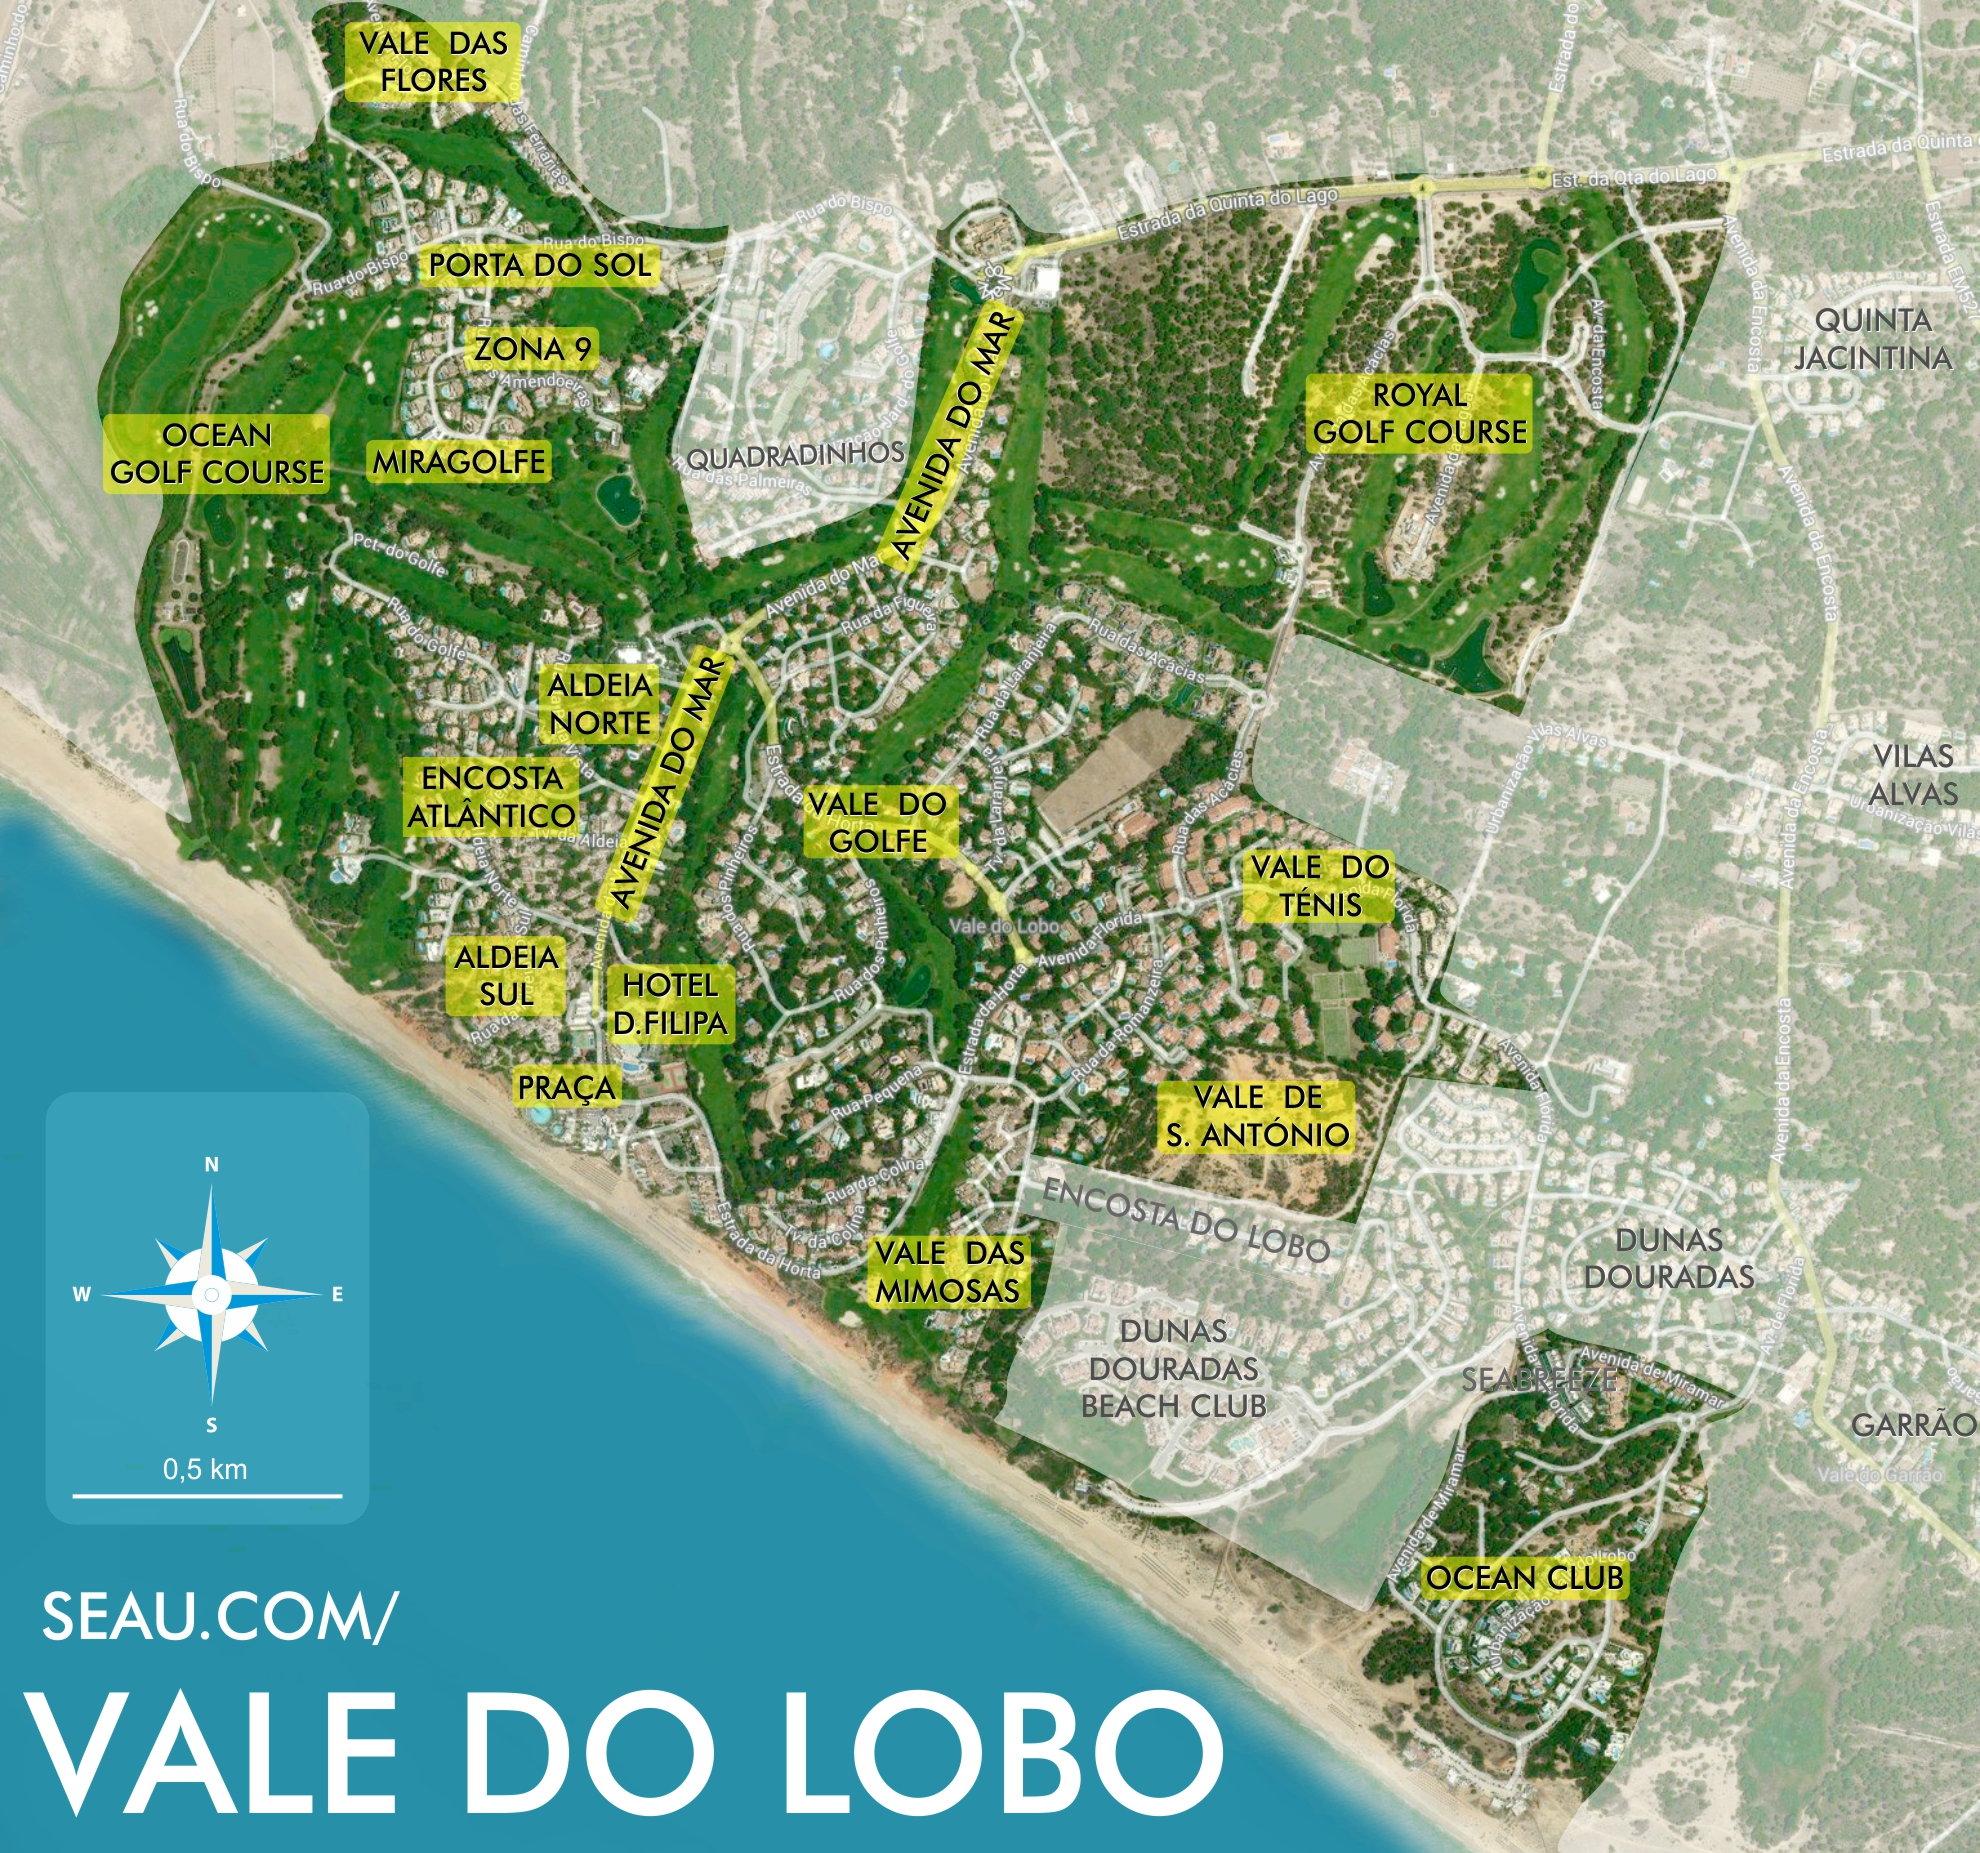 Karte der Wohngebiete in Vale do Lobo